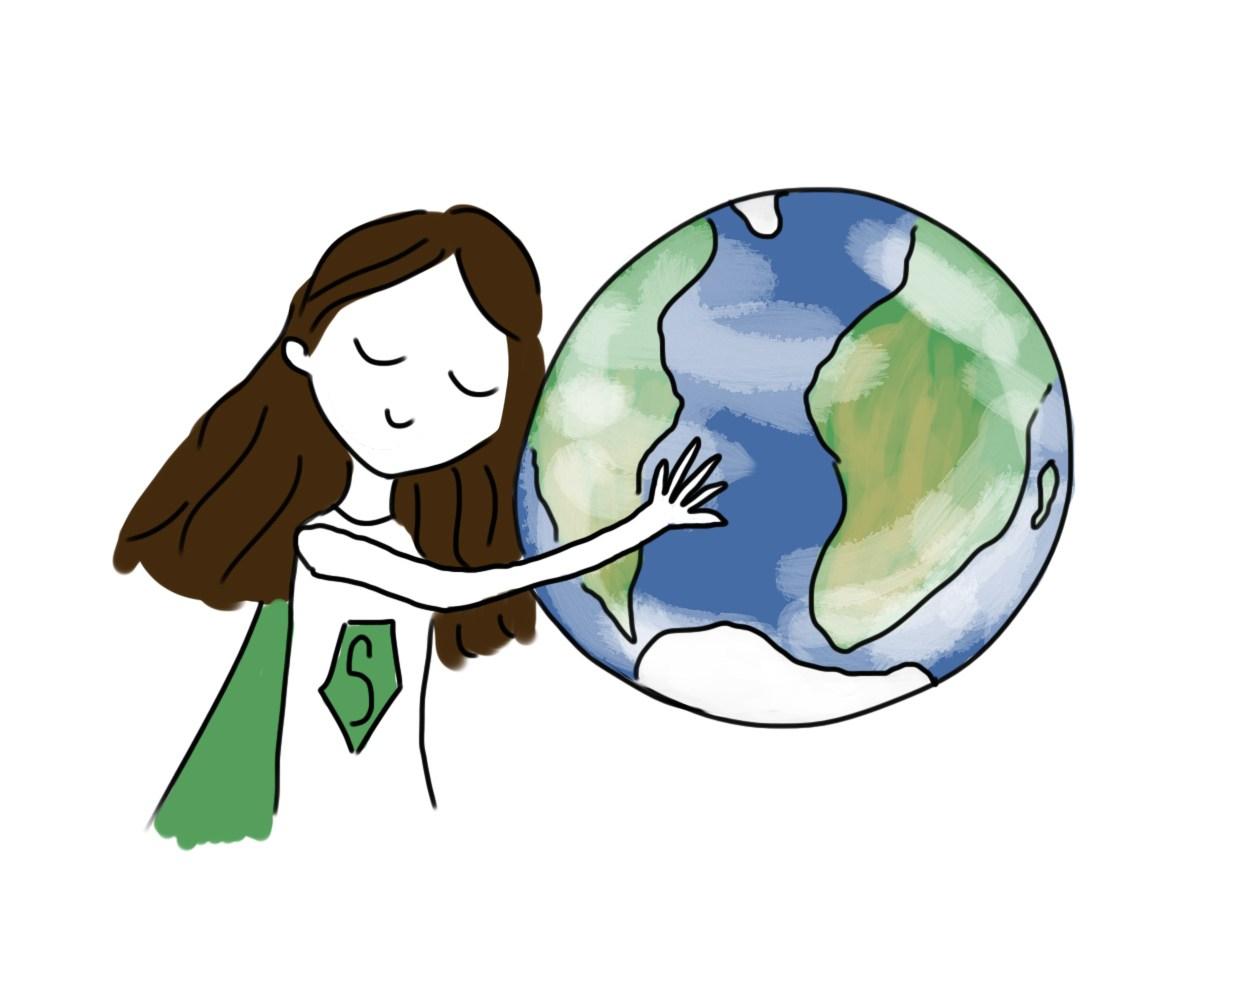 Le projet Wonder Live met en avant la créativité des enfants pour un monde meilleur